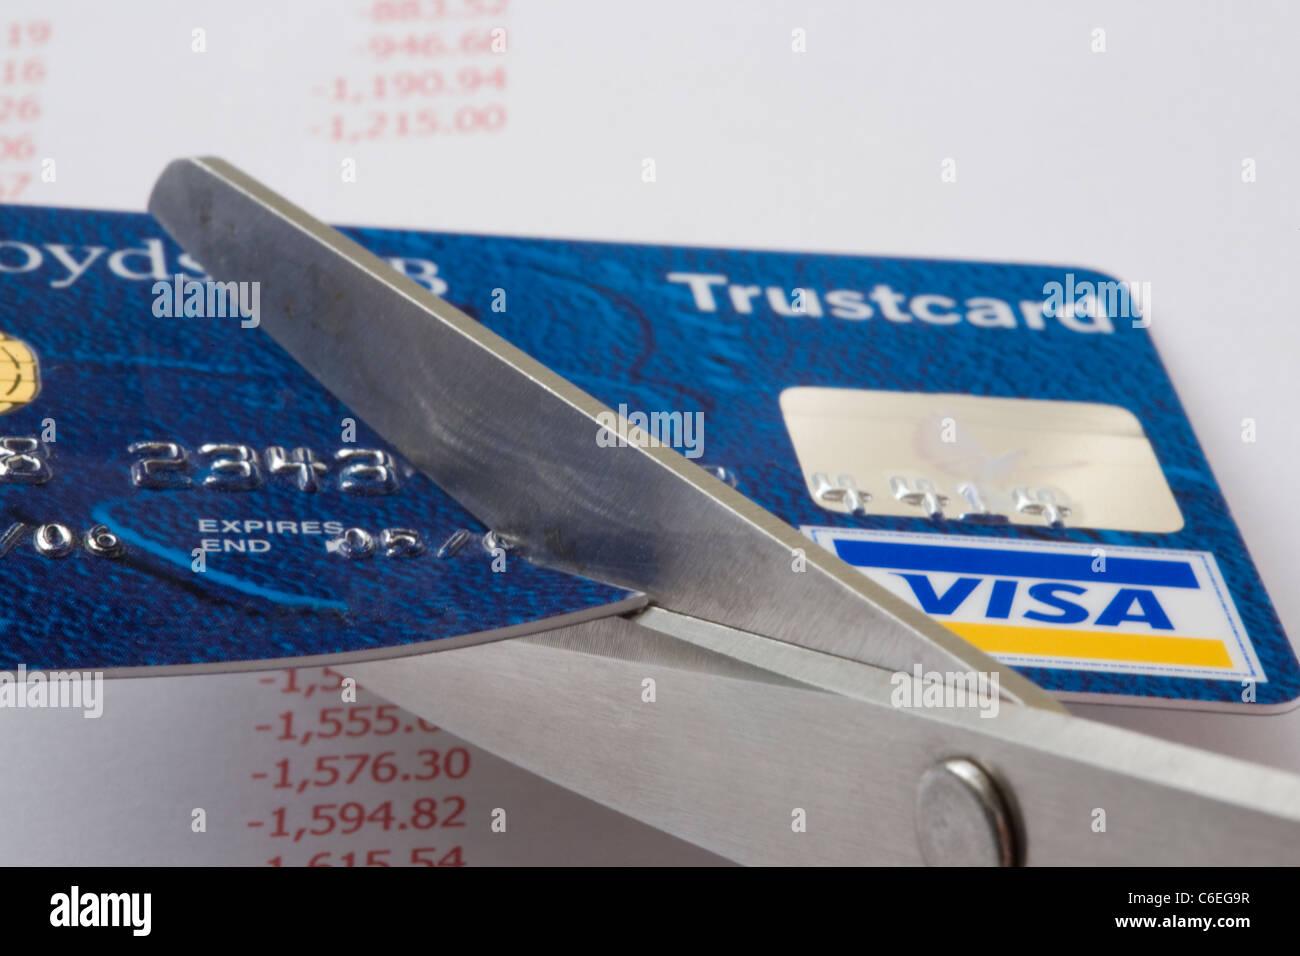 Carte Visa Angleterre.Paire De Ciseaux Couper Une Carte De Credit Visa En Etroite Jusqu Au